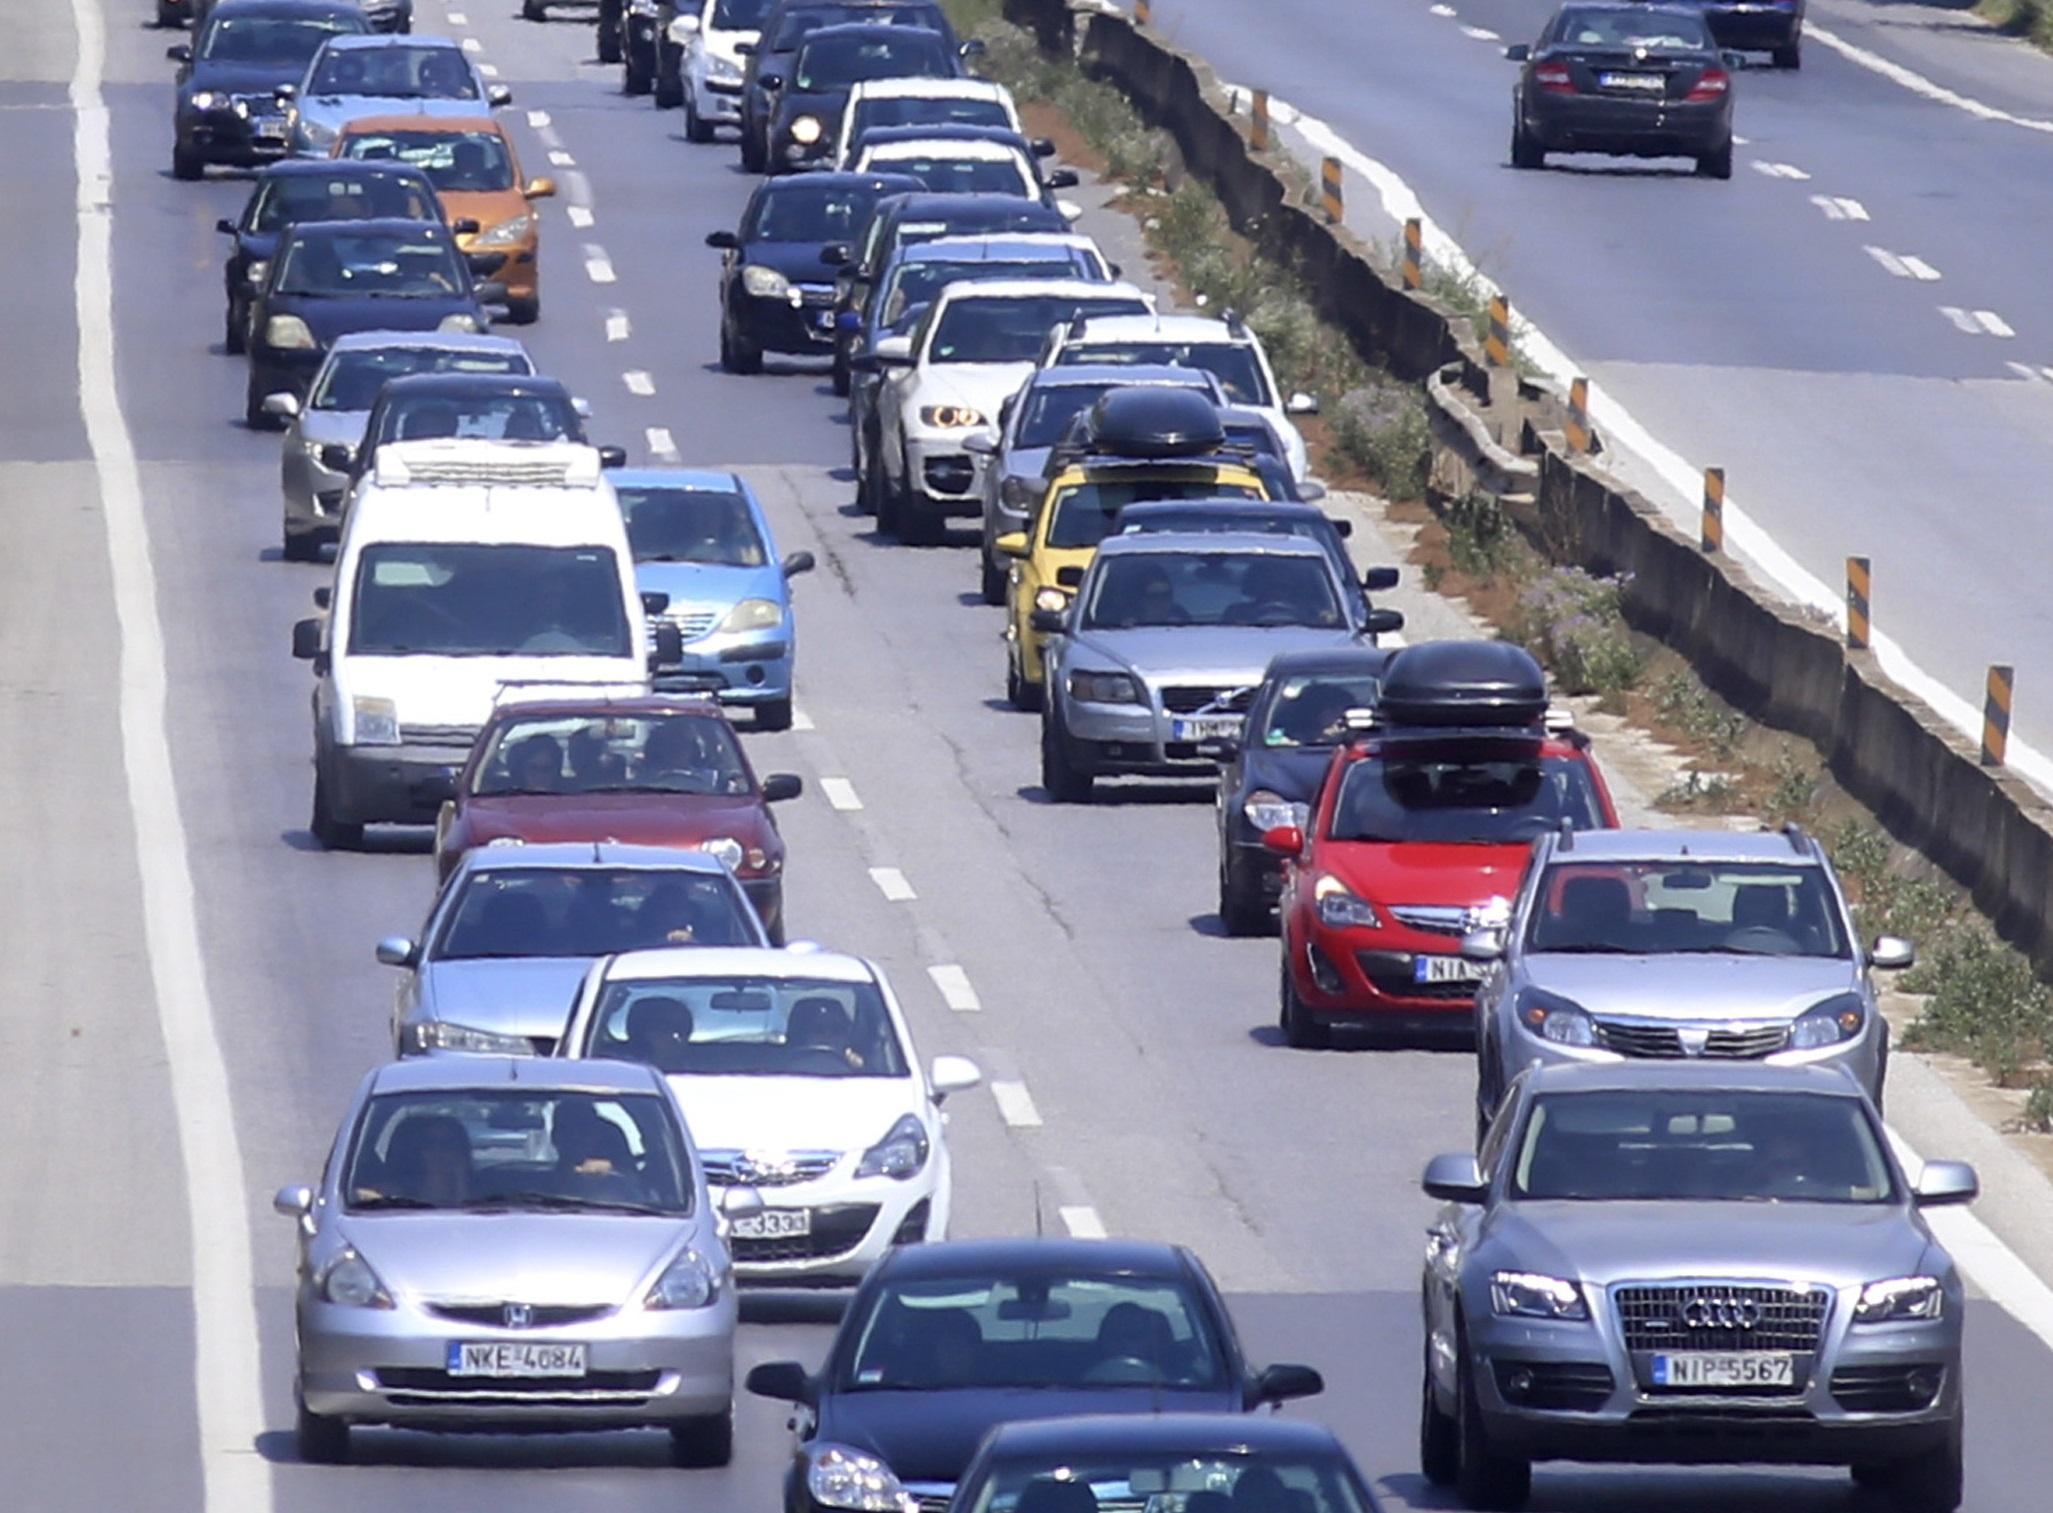 Συρρίκνωση της αγοράς του αυτοκινήτου τον Ιανουάριο στην Ε.Ε